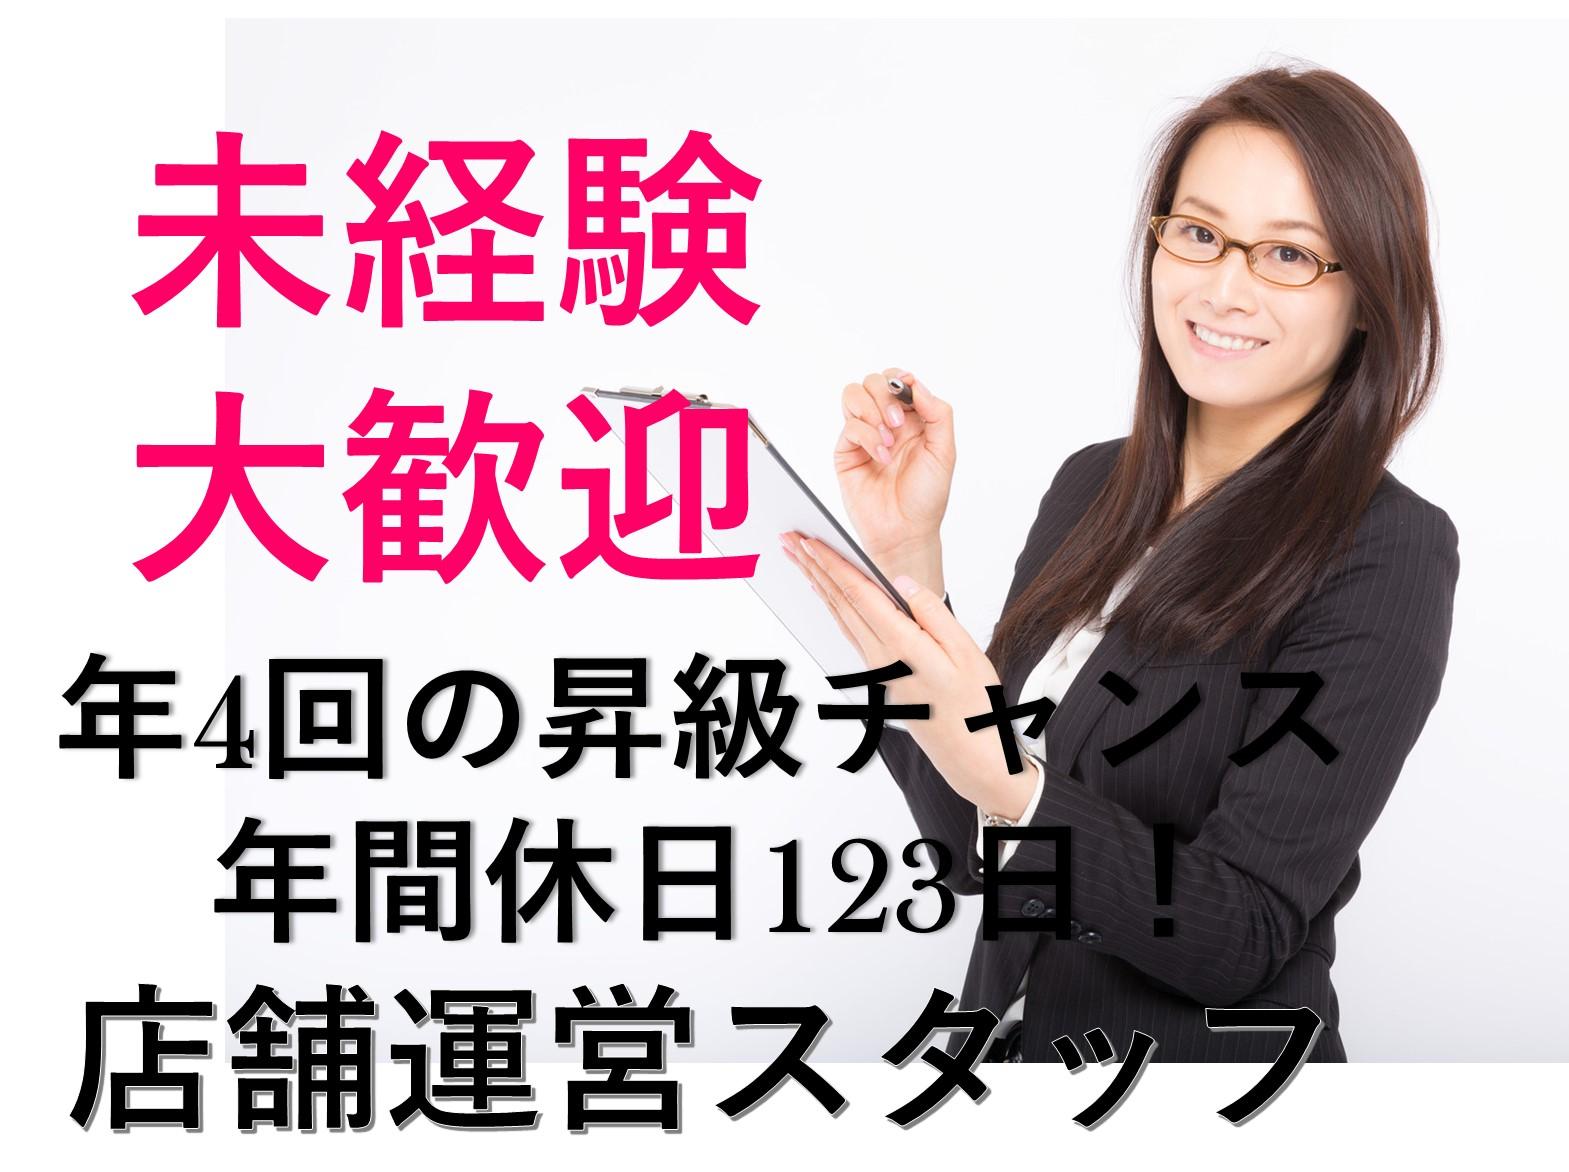 大手ならでは!環境よし!年休123日♪牛丼屋店舗運営スタッフ【三重県桑名市】 イメージ